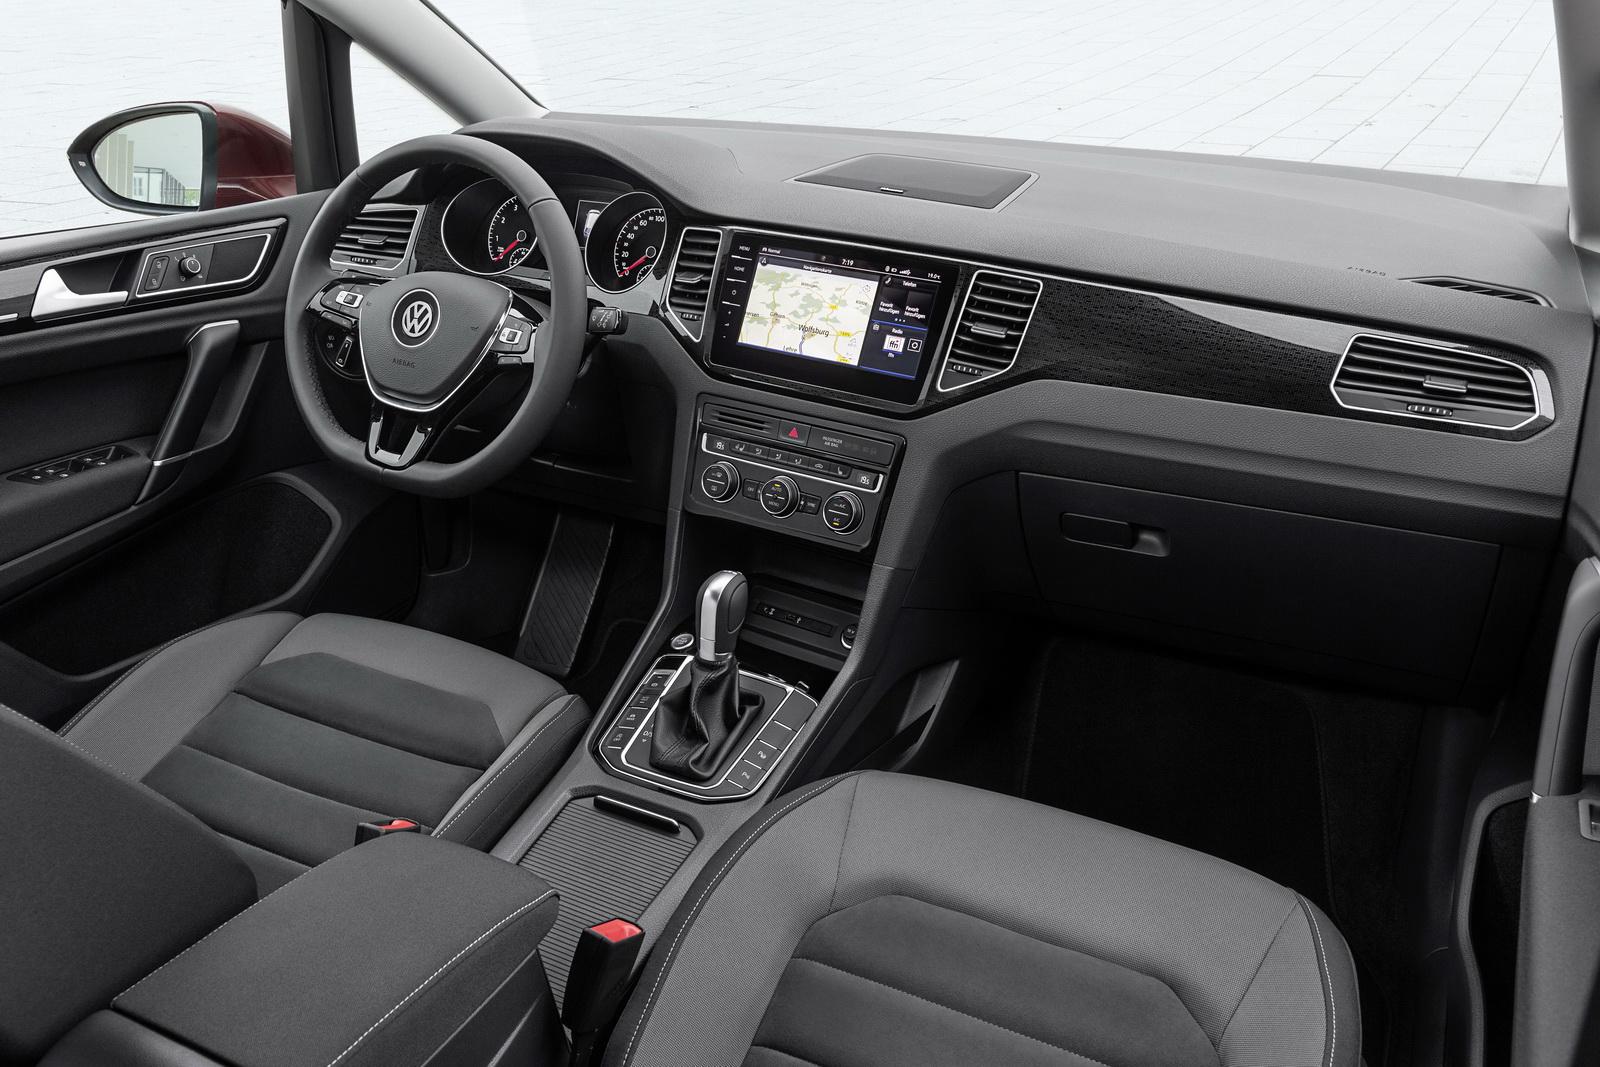 2018_Volkswagen_Golf_Sportsvan_facelift_14